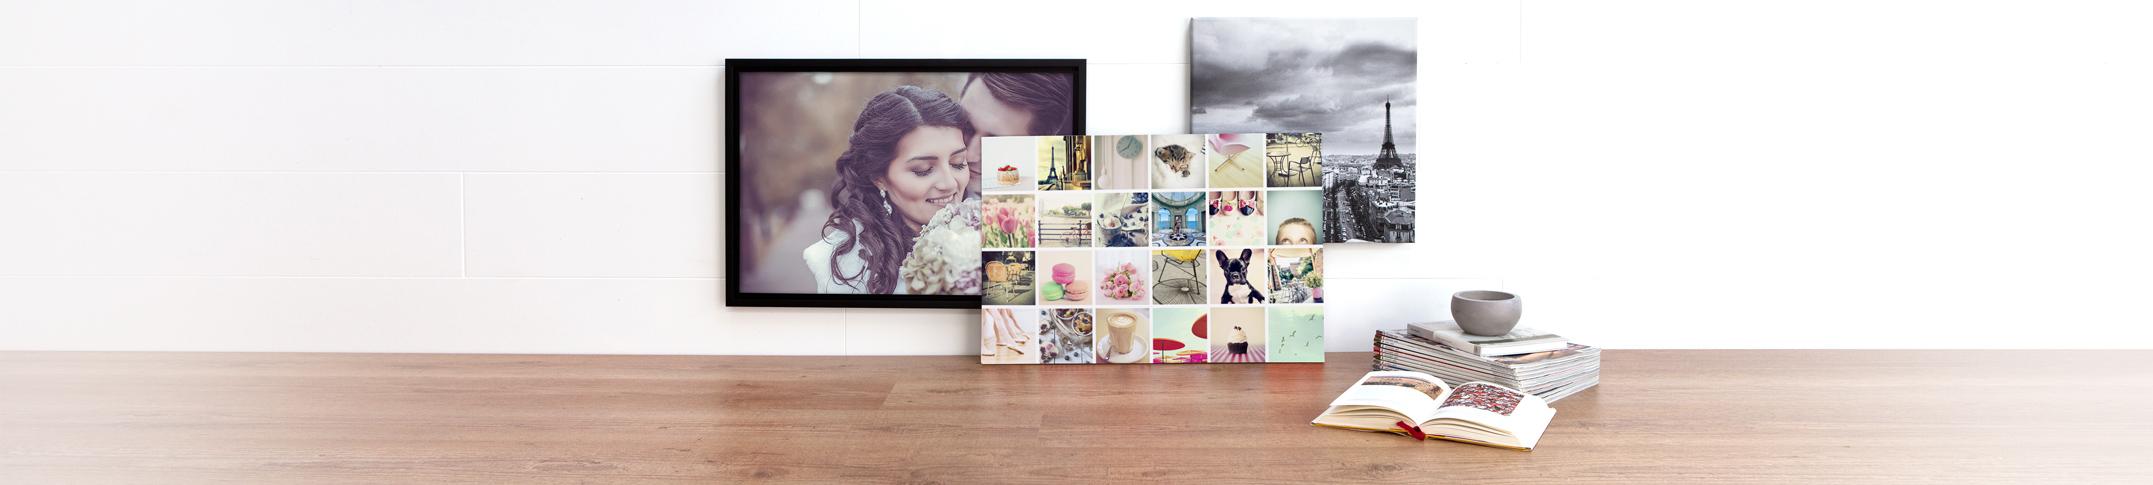 Fotolerret som Veggdekorasjon - Skap din egen veggkunst av favorittbildene dine!